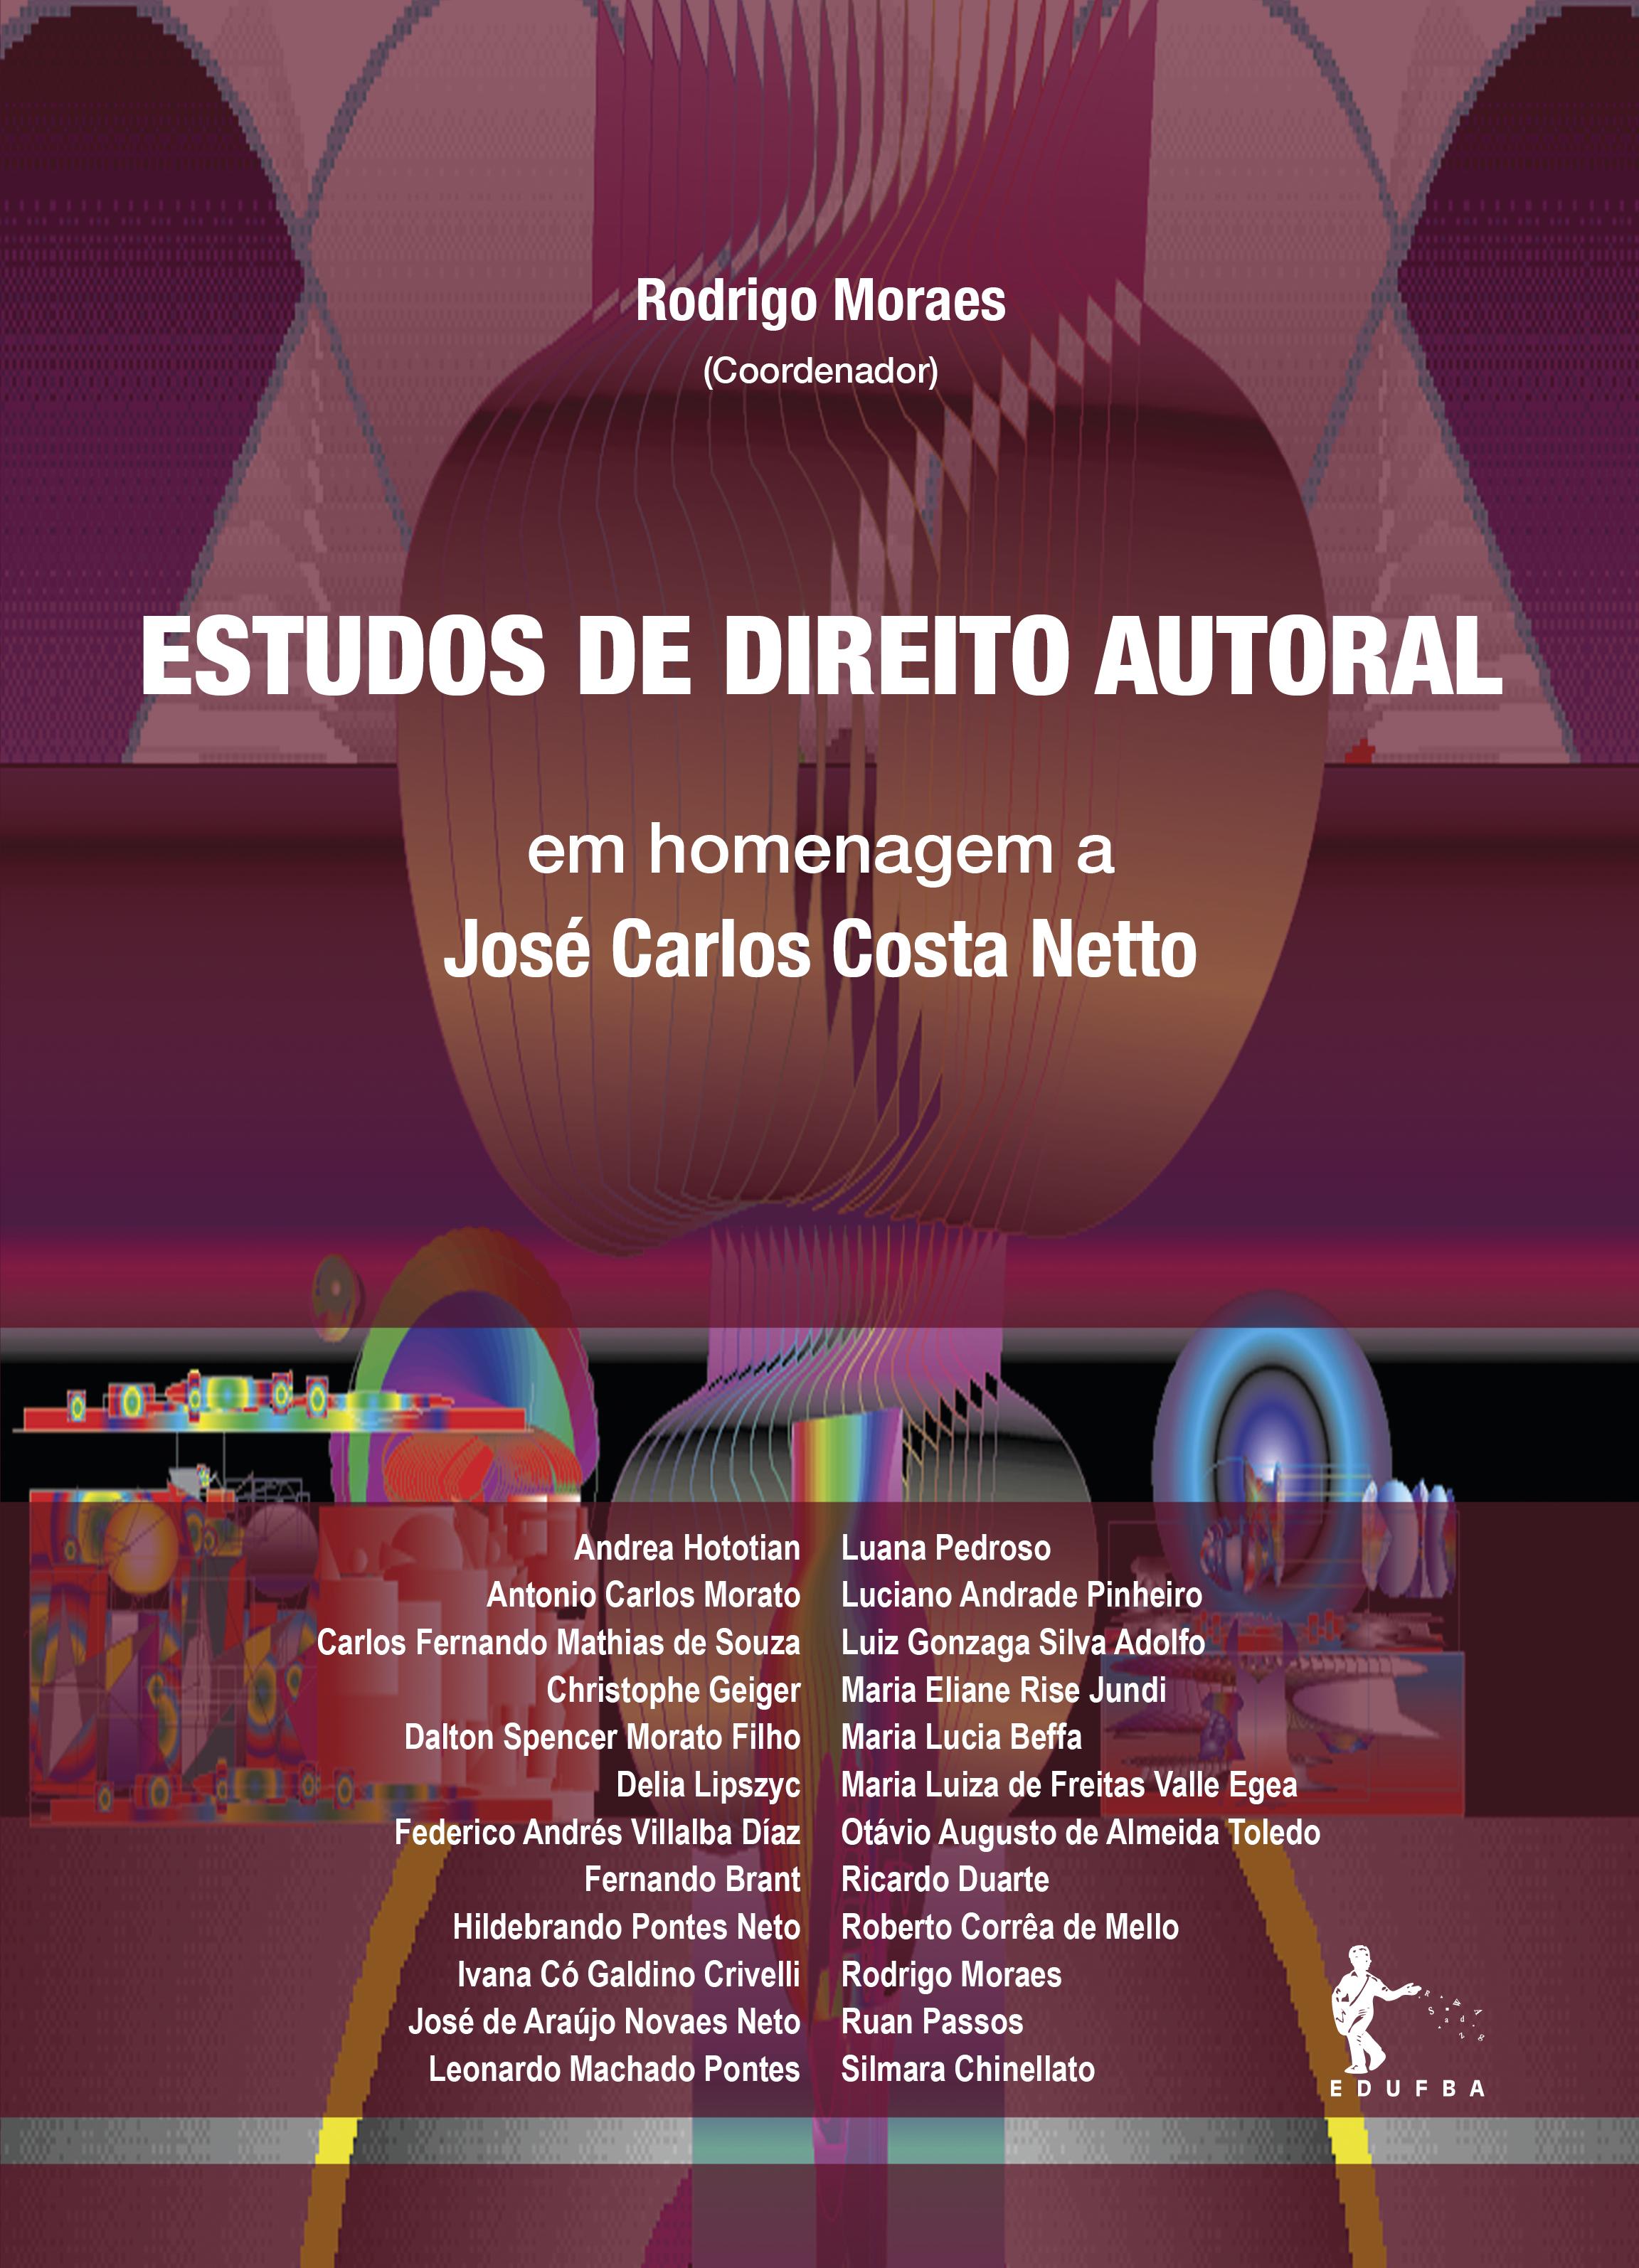 Estudos de direito autoral - em homenagem a José Carlos Costa Netto, livro de Rodrigo Moraes (Coord.)